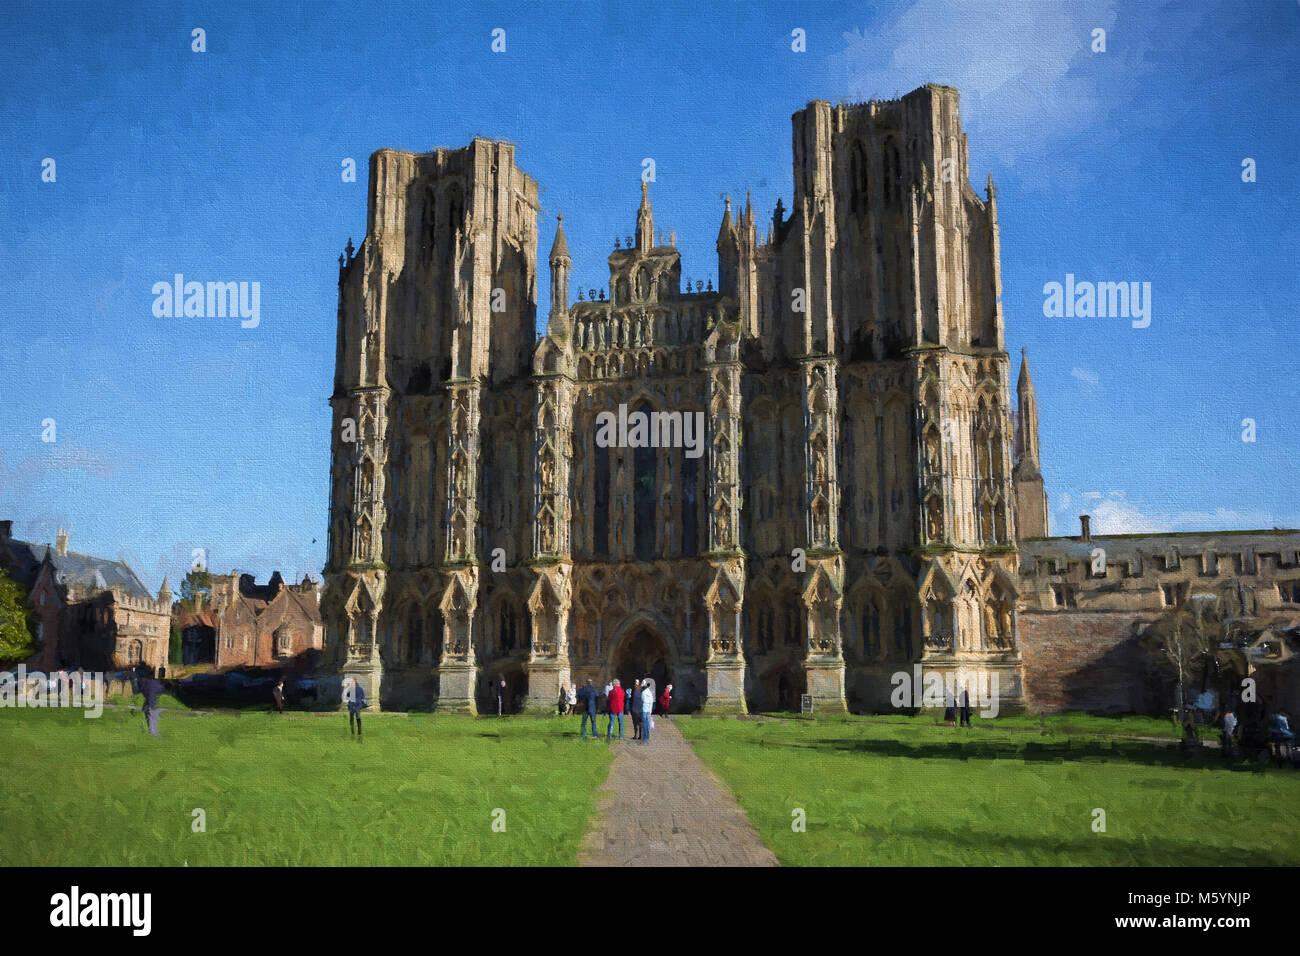 Wells Cathedral Somerset historischen englischen Gebäude Abbildung wie Öl Malerei Stockbild